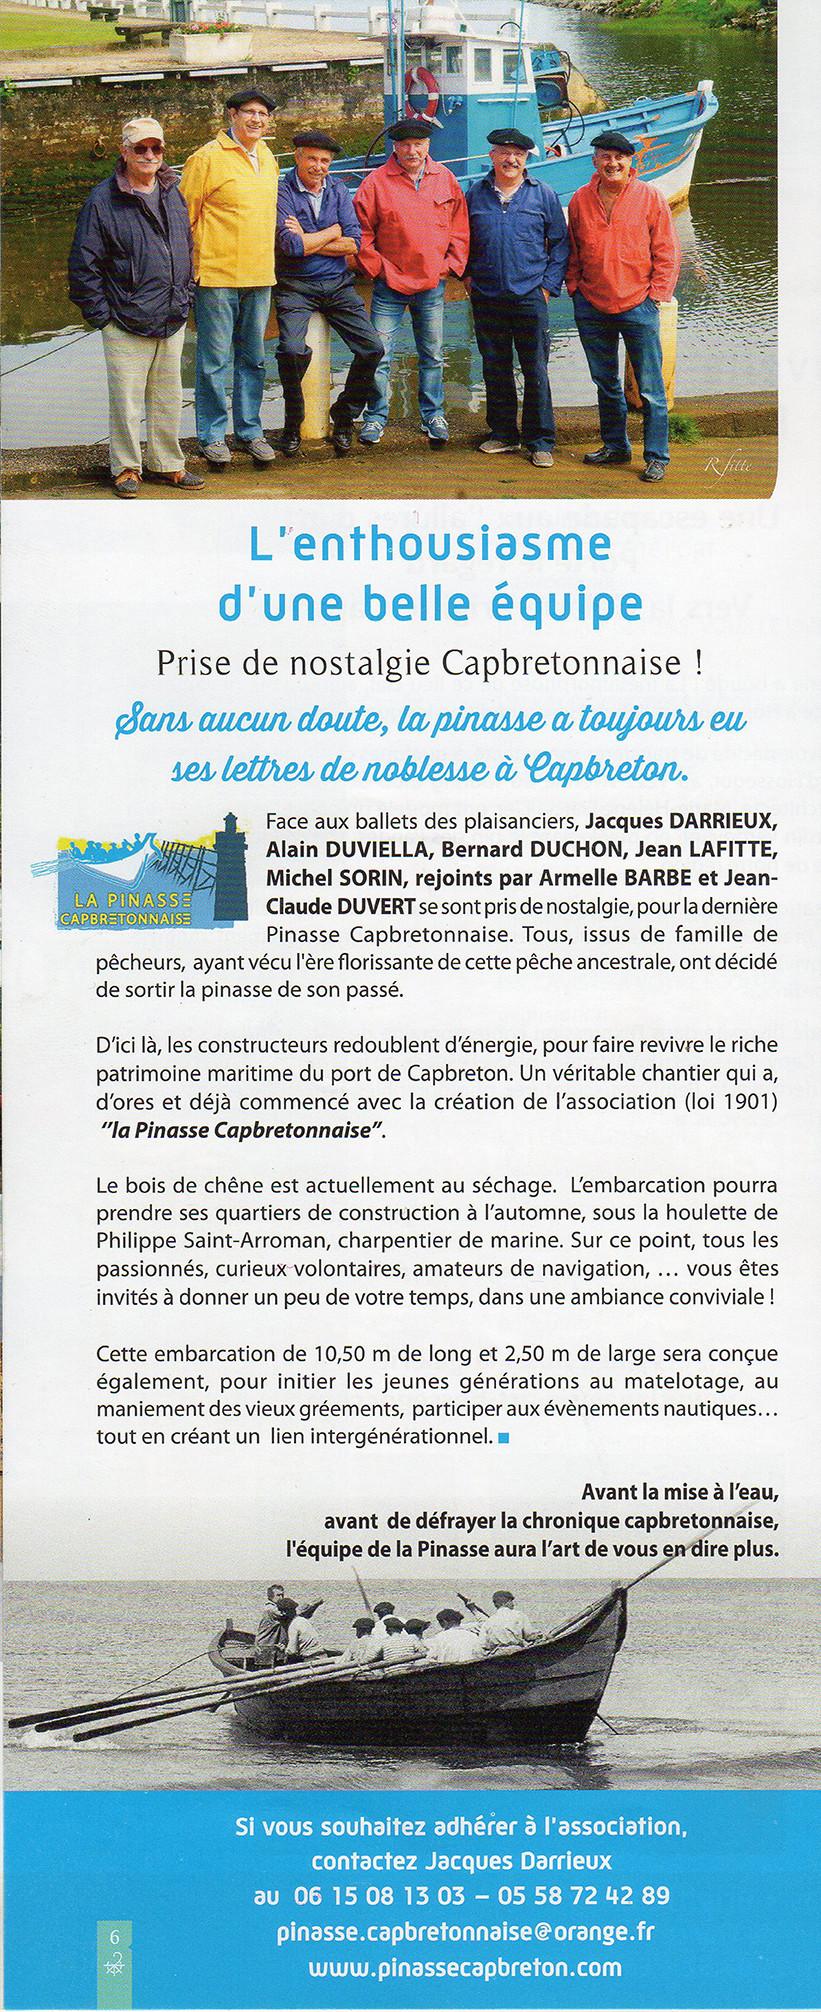 Côte_d'Argent_Passion001.jpg